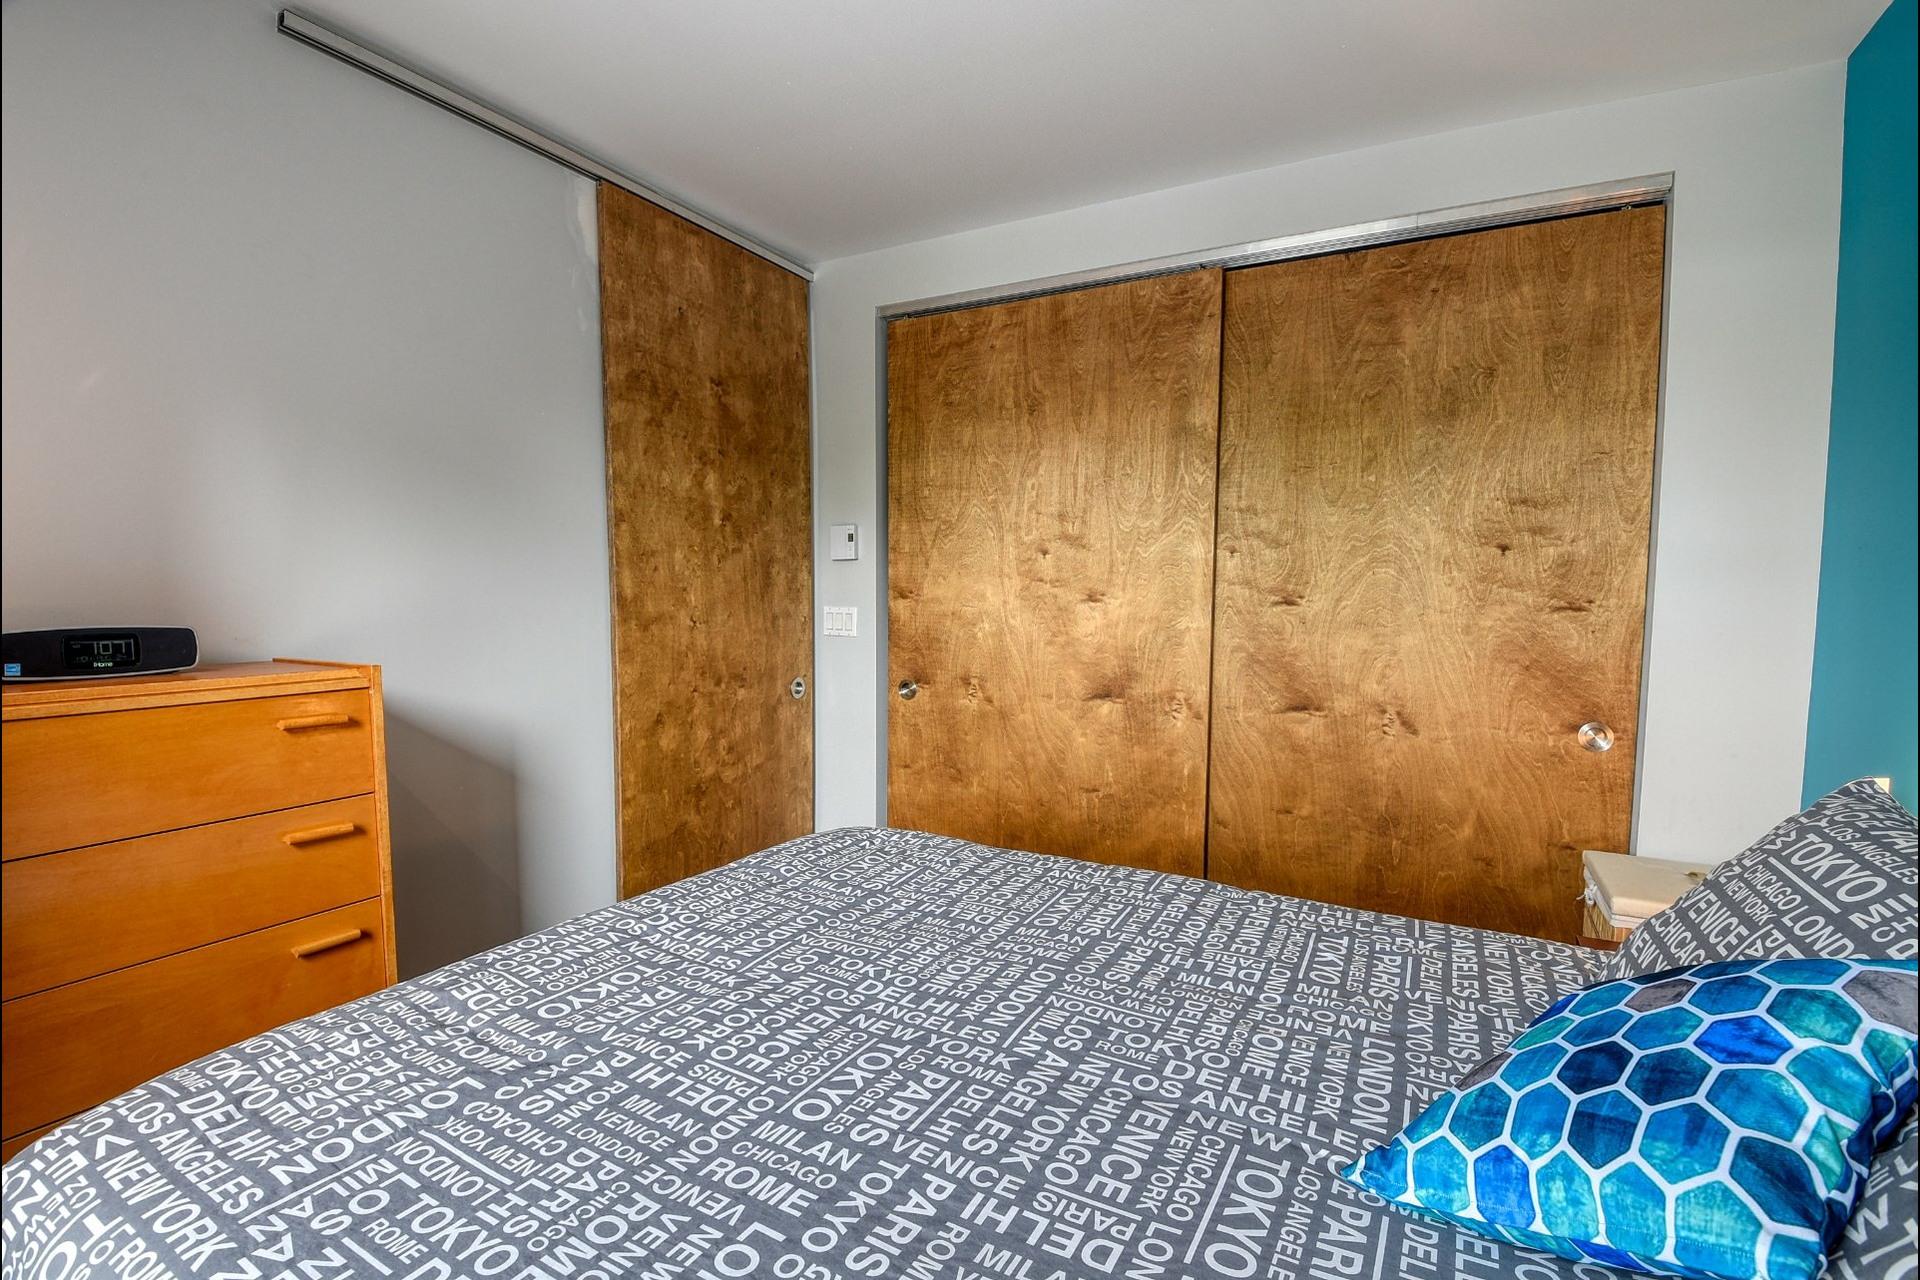 image 15 - Appartement À vendre Mercier/Hochelaga-Maisonneuve Montréal  - 5 pièces